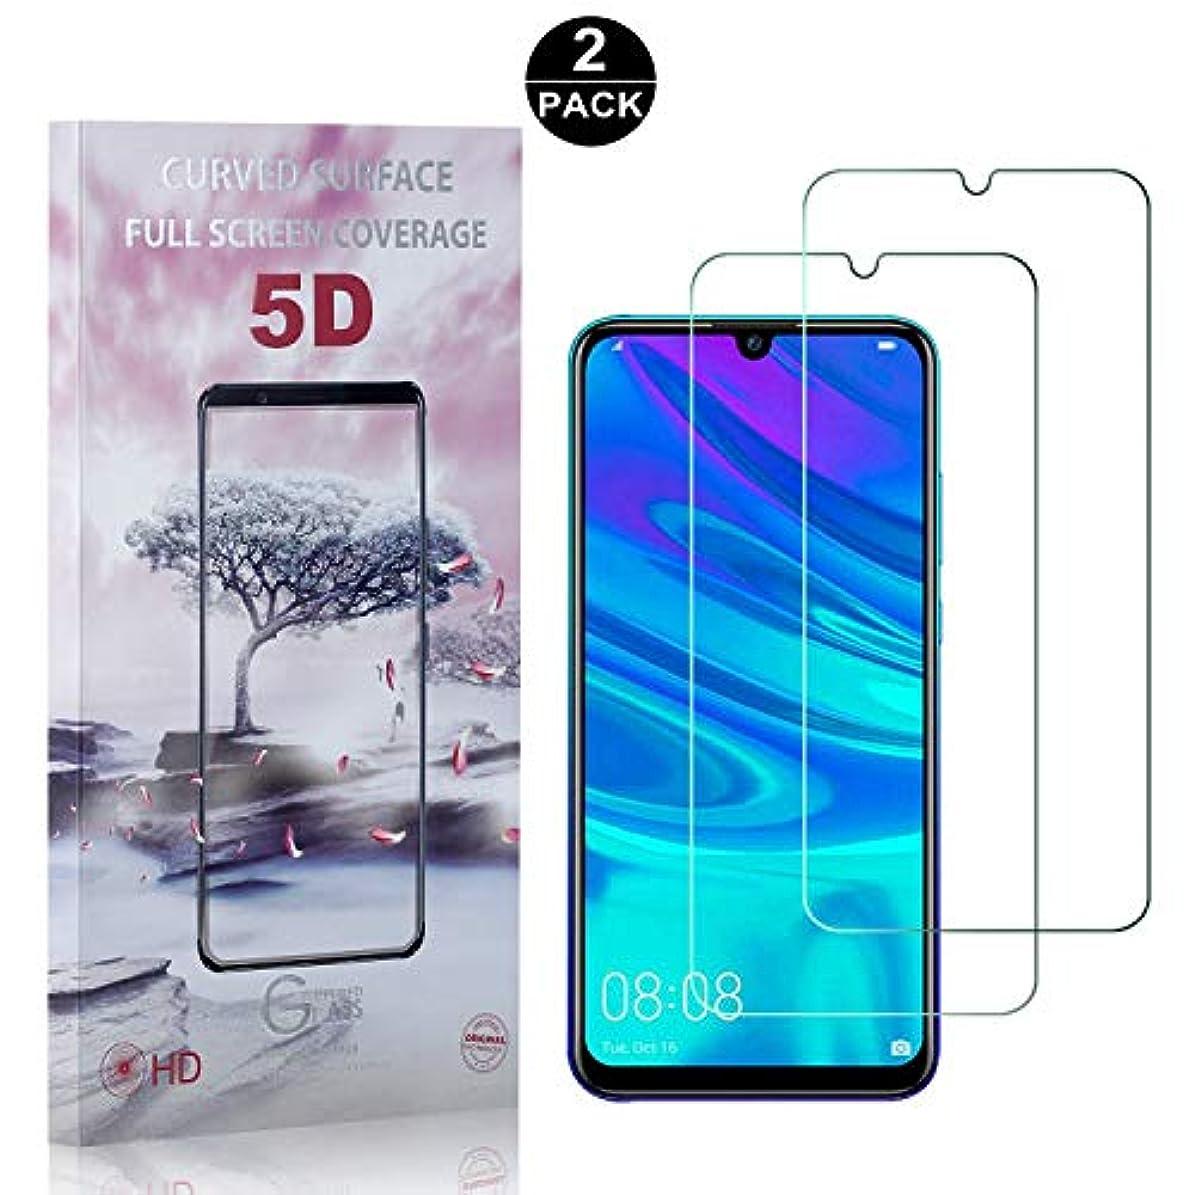 拘束病気だと思う明快【2枚セット】 Huawei Honor 10i 硬度9H ガラスフィルム CUNUS Huawei Honor 10i 専用設計 強化ガラスフィルム 高透明度で 99%透過率 気泡防止 耐衝撃 超薄 液晶保護フィルム